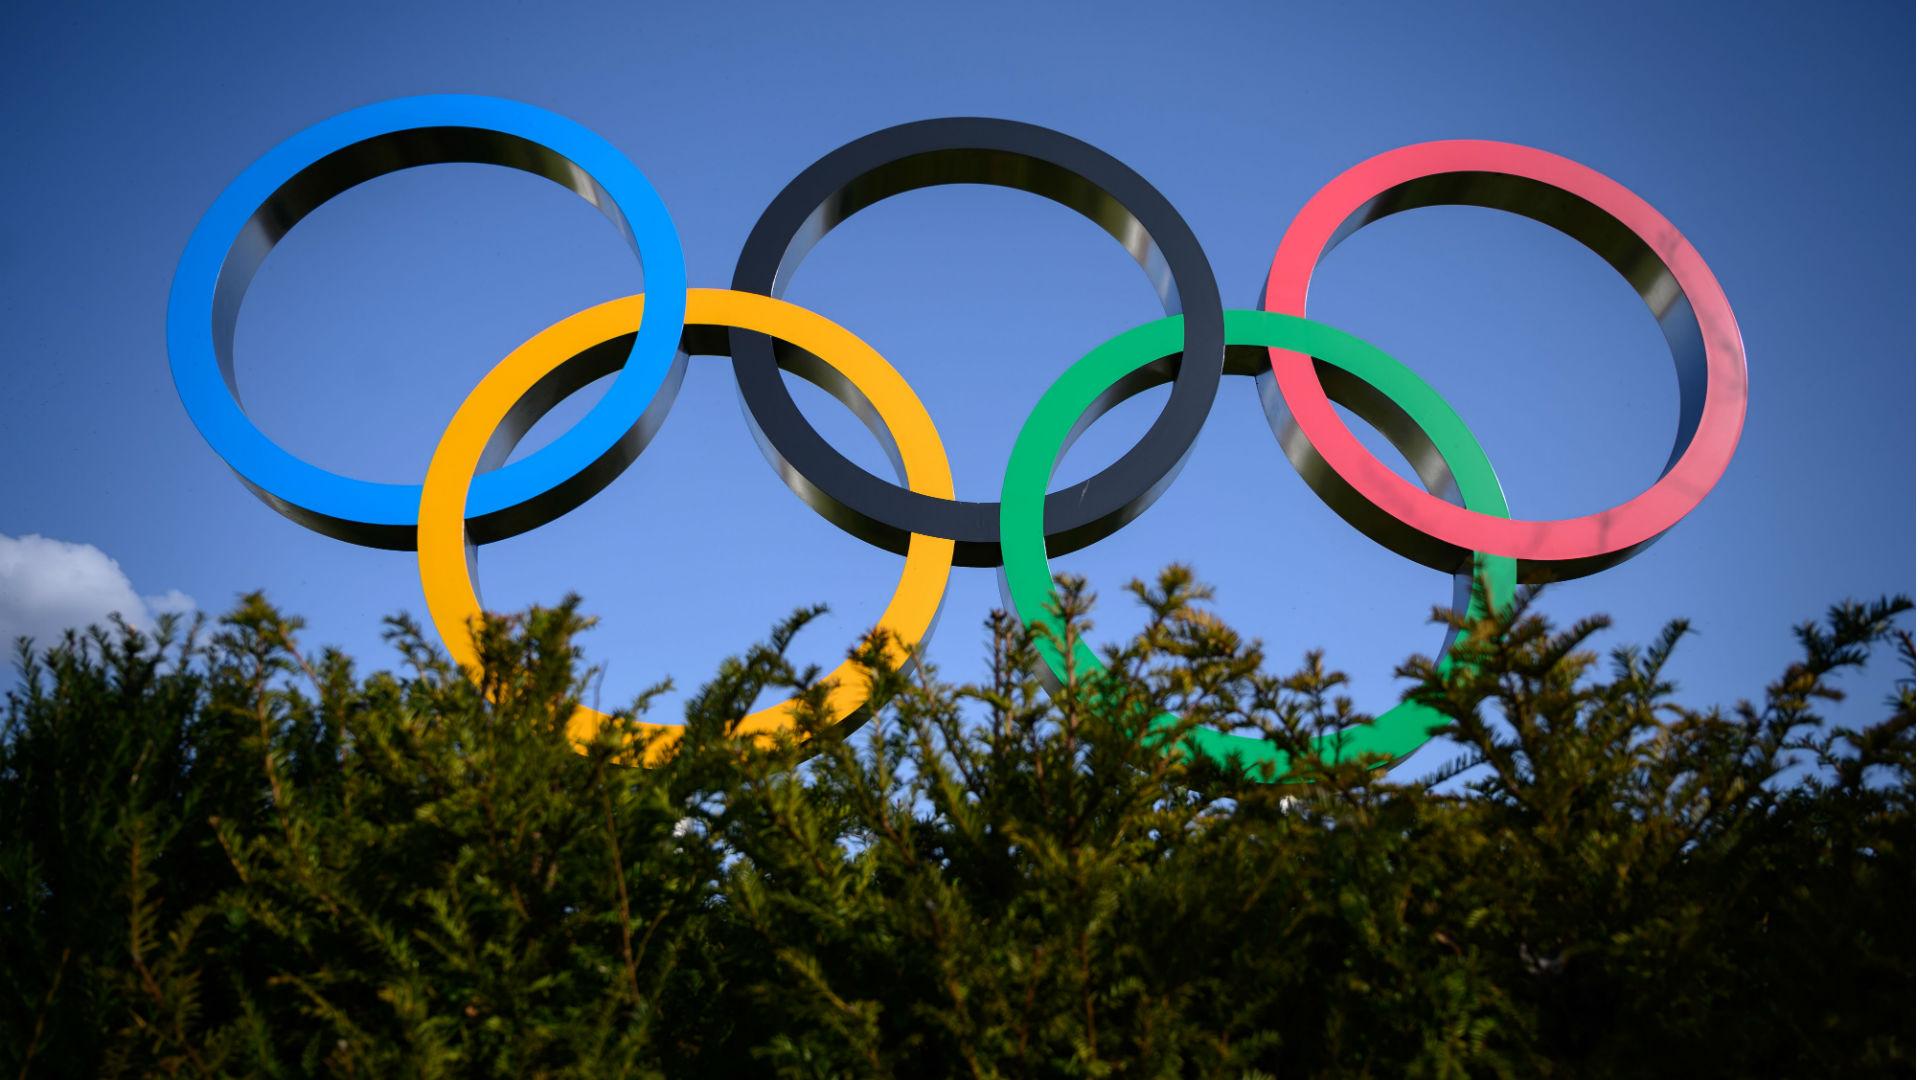 Los atletas olímpicos y el mundo deportivo reaccionan ante el aplazamiento informado de los Juegos de Tokio 2020 1